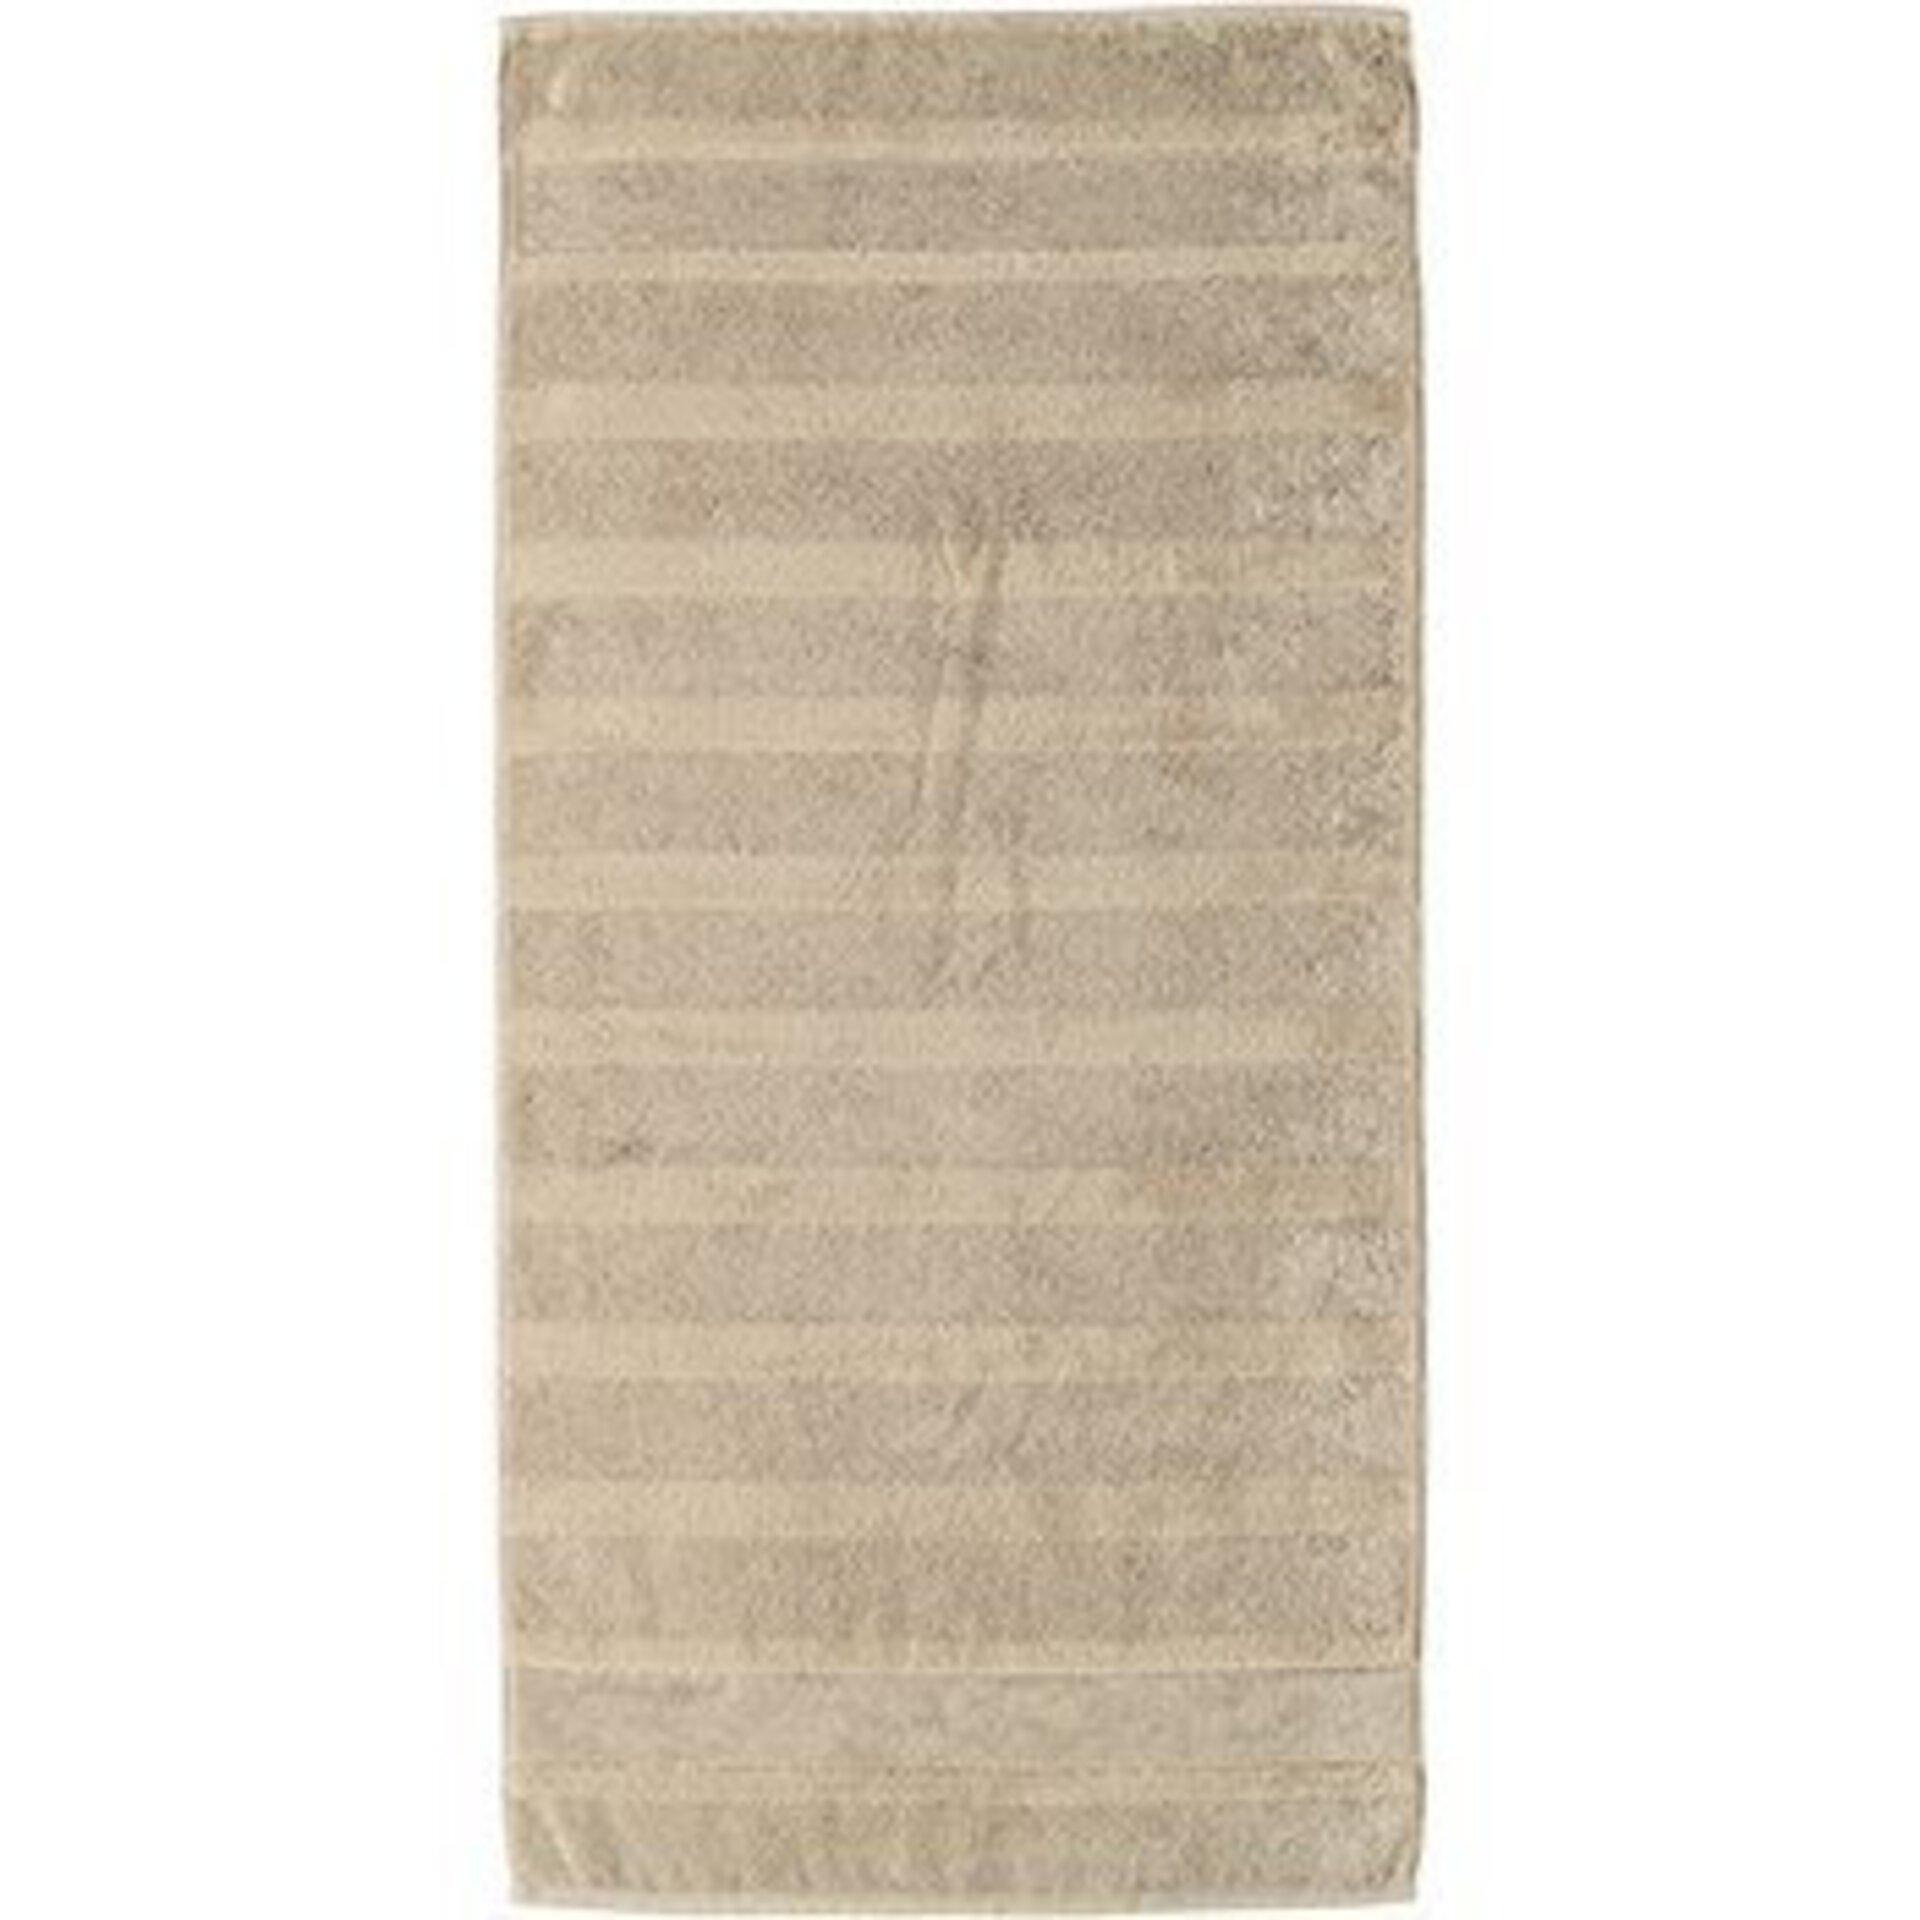 Handtuch Cawö Textil beige